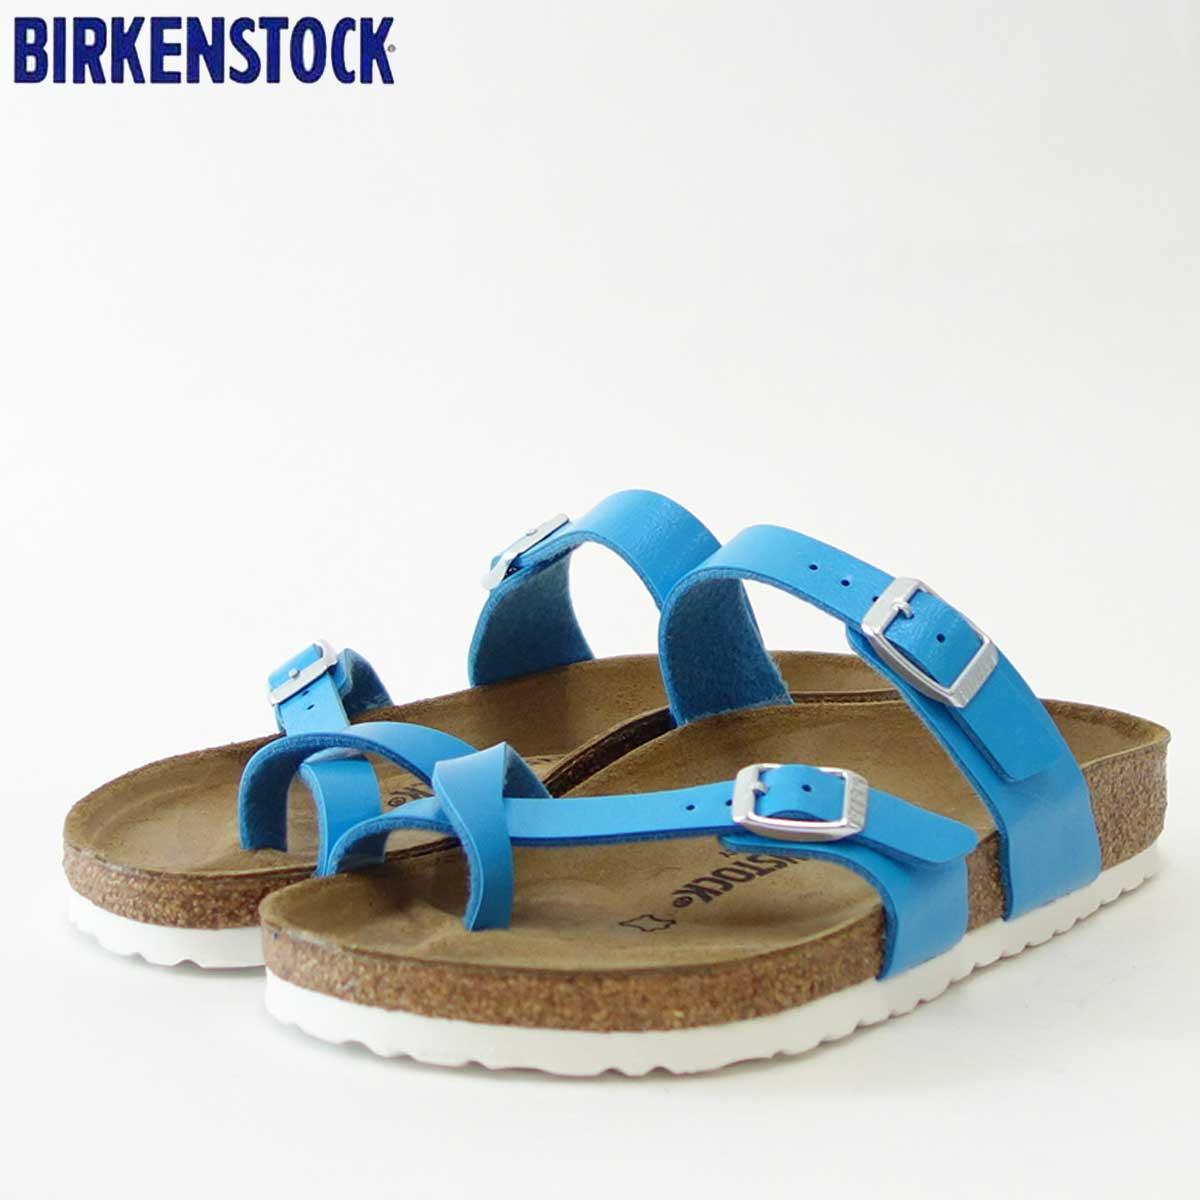 BIRKENSTOCK ビルケンシュトックMAYARI(マヤリ)オーシャンGC 1008842 (レギュラーフィット 幅広)ドイツ生まれの快適サンダル 「正規品」「靴」